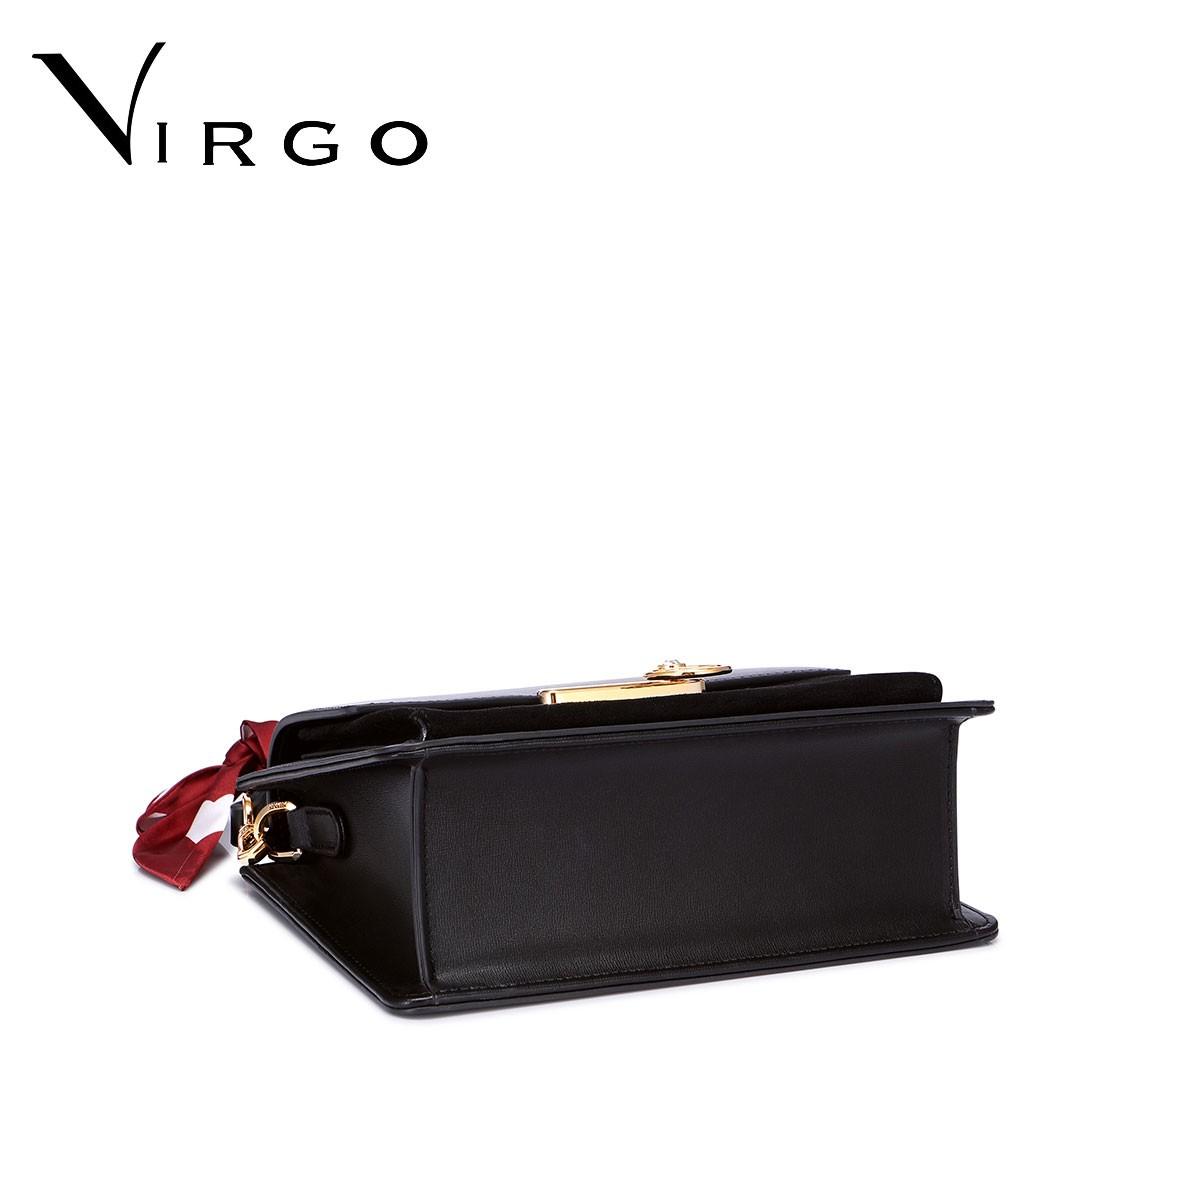 Túi xách nữ thiết kế Nucelle Virgo VG614